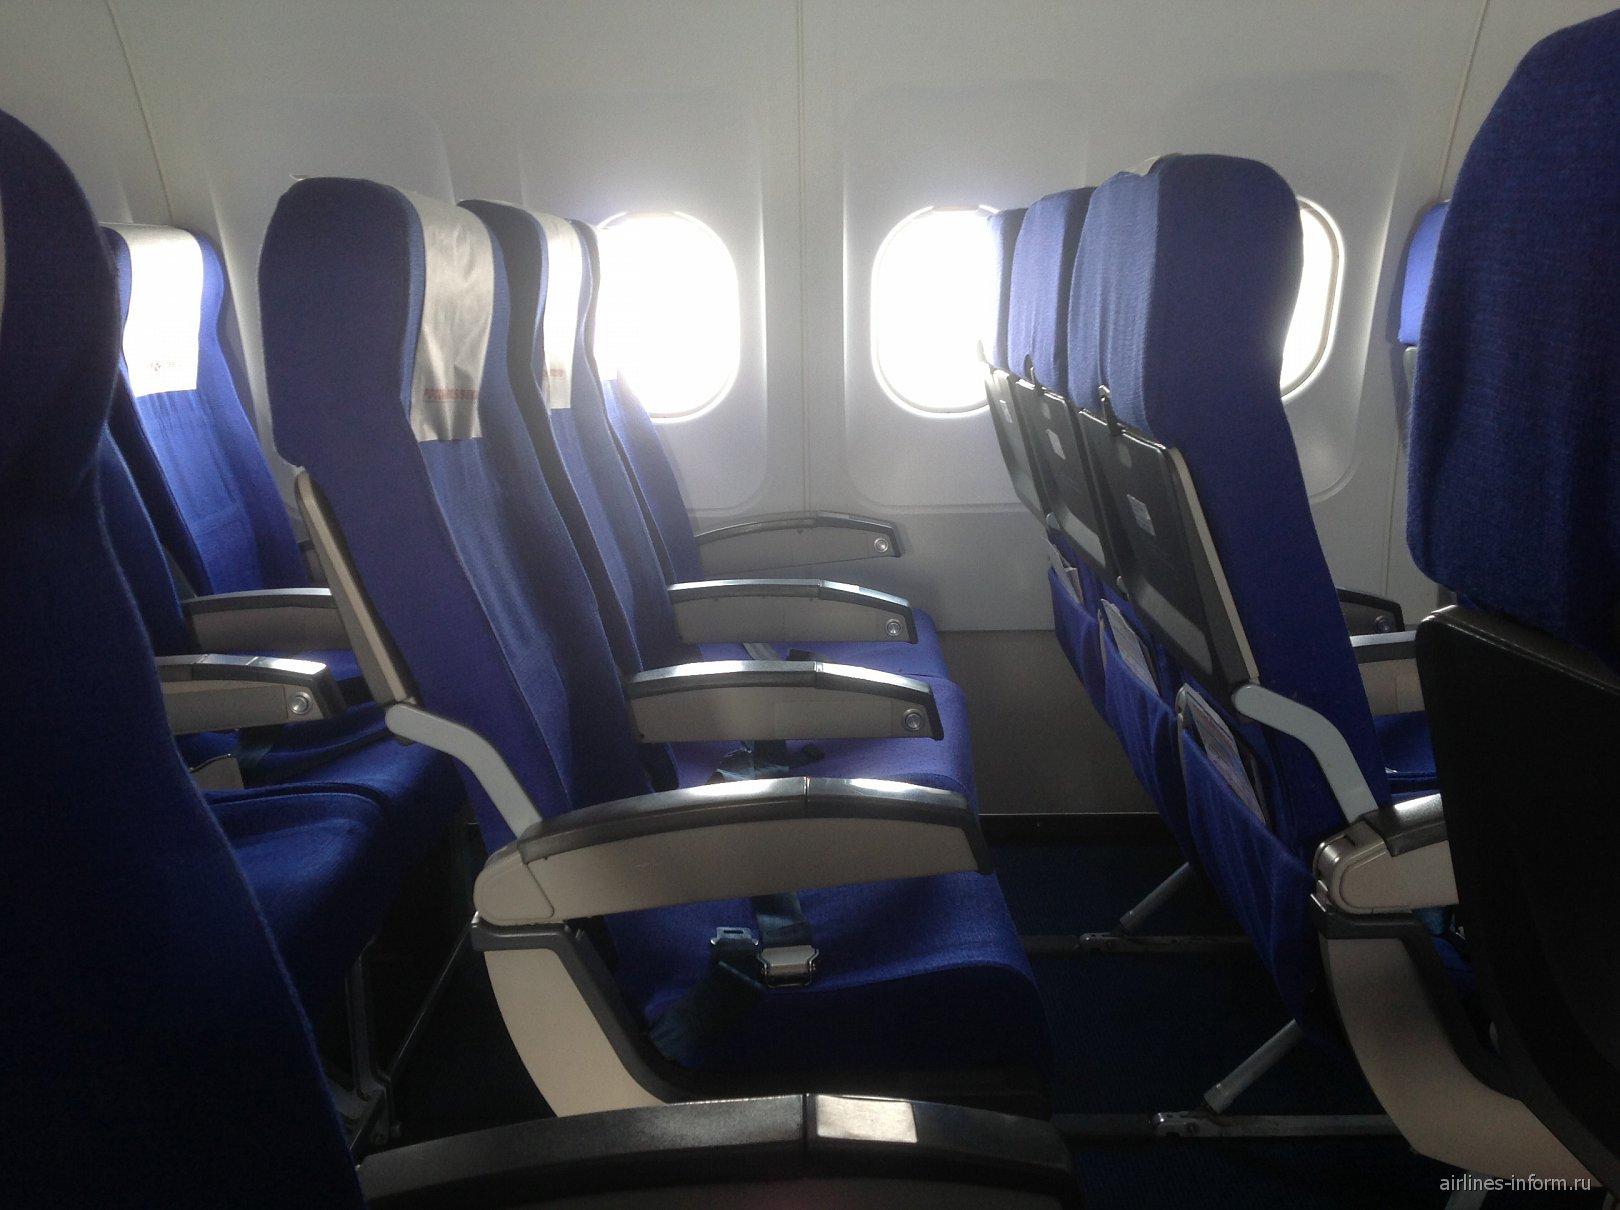 Пассажирские кресла в самолете Airbus A320 авиакомпании Россия